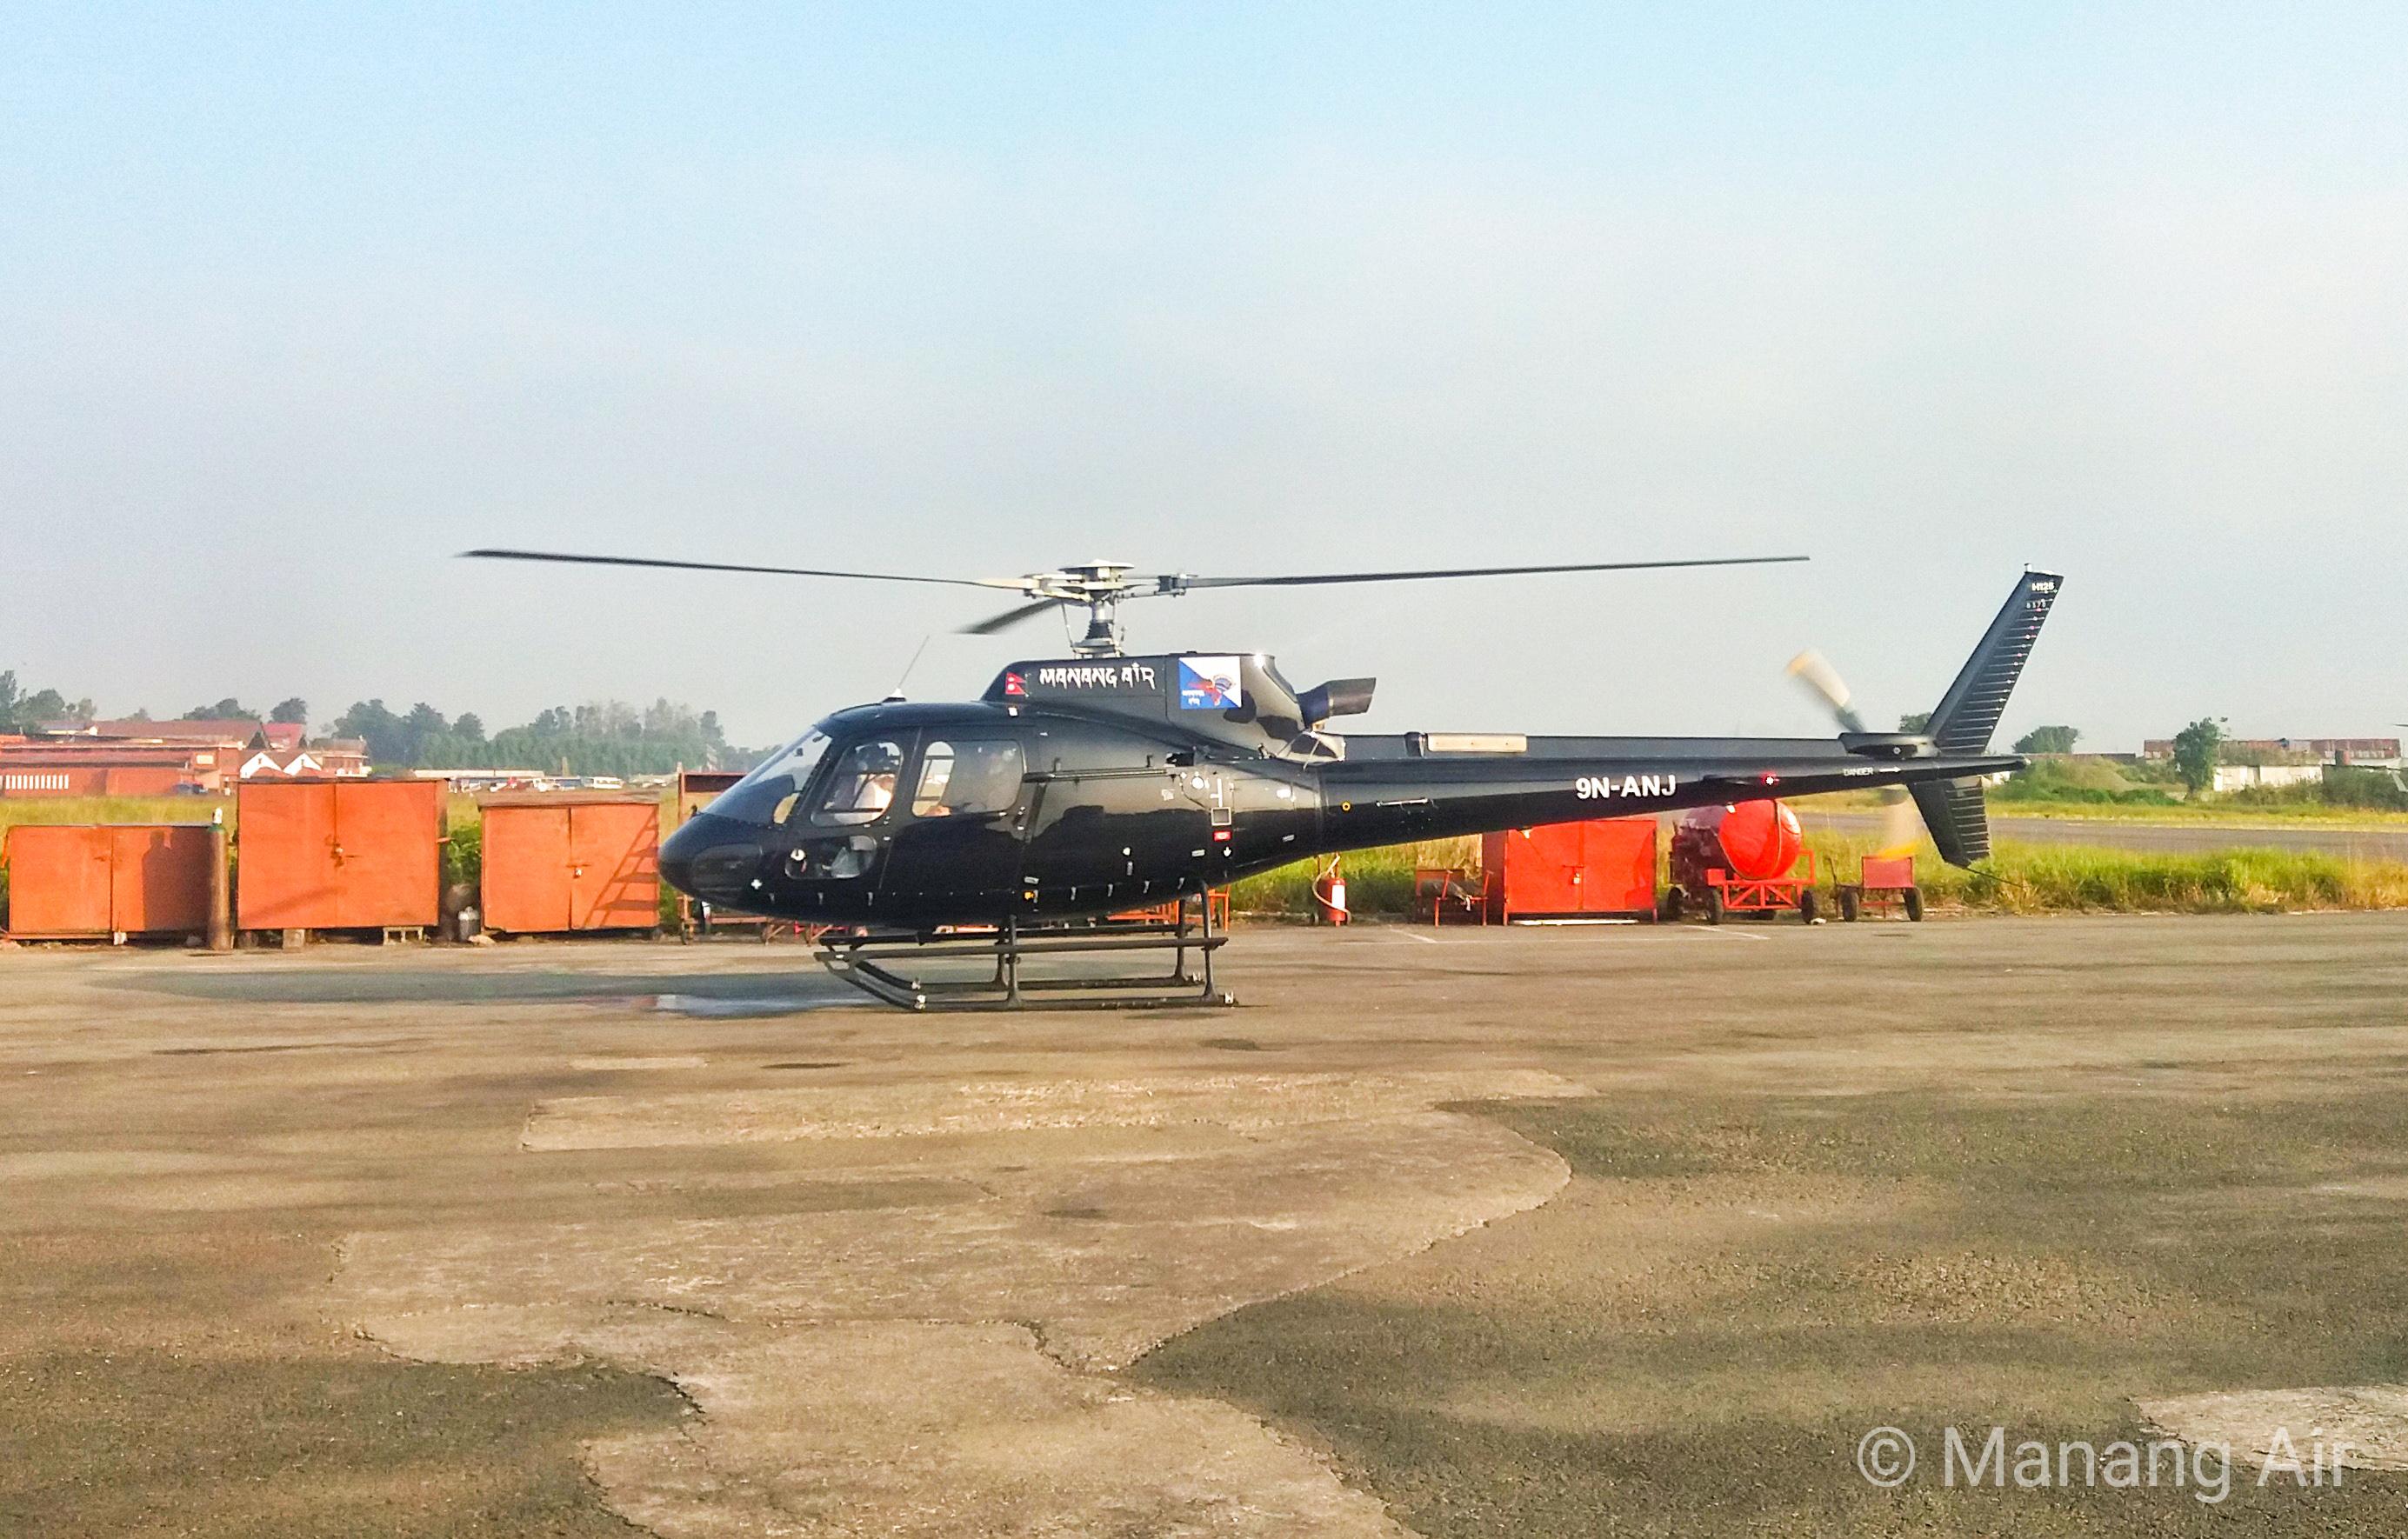 मनाङ एयरको नयाँ हेलिकप्टरबाट उडान सुरु